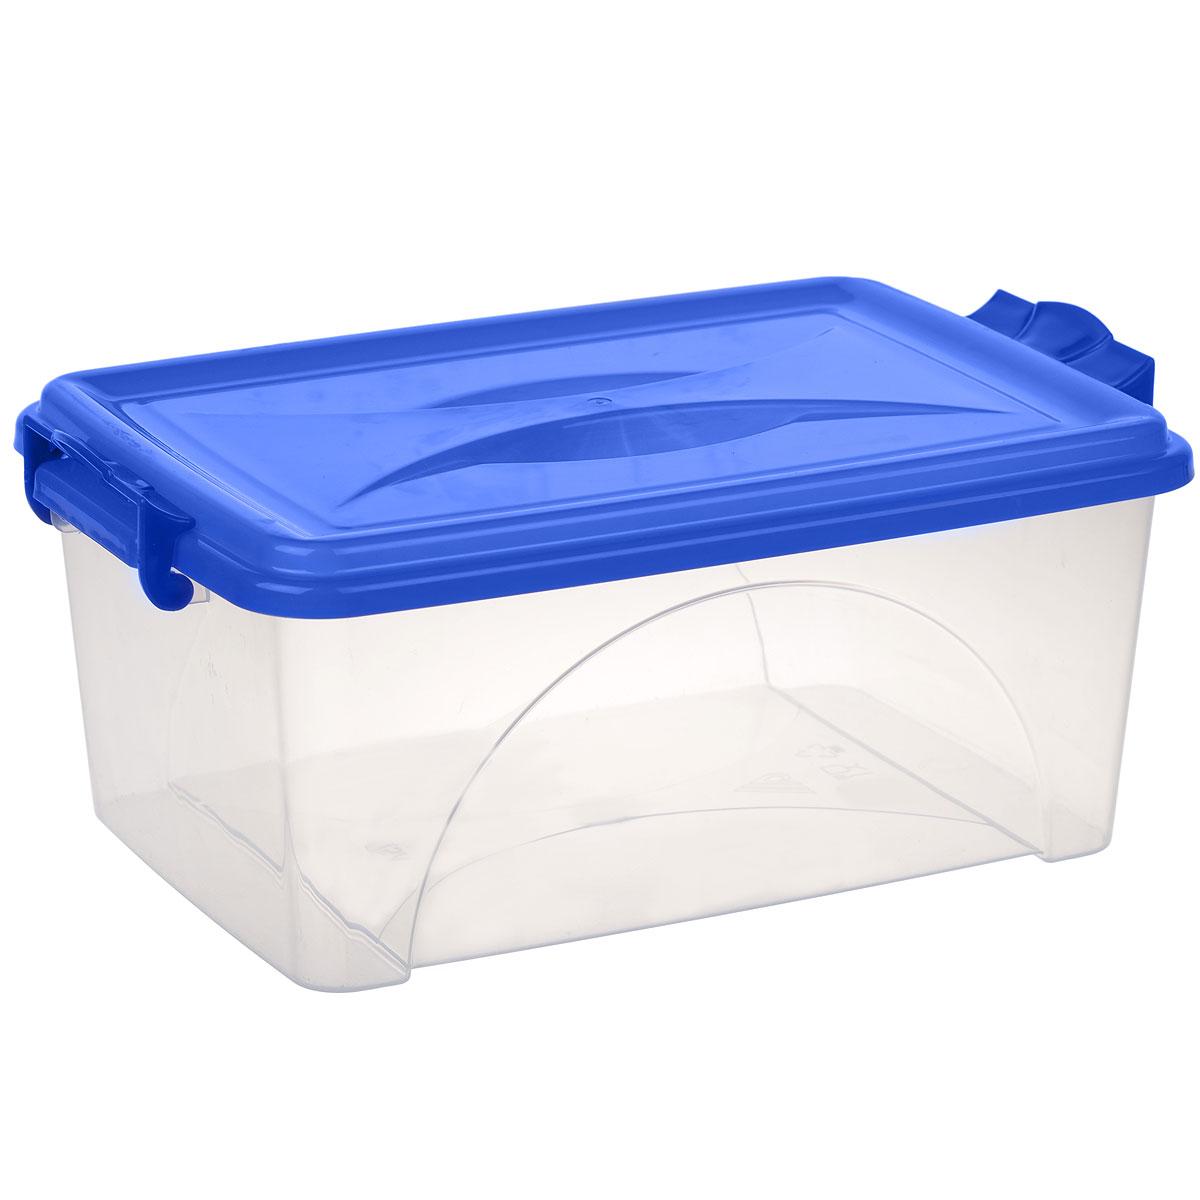 Контейнер Альтернатива, цвет: синий, 7,5 лМ428Контейнер Альтернатива выполнен из прочного пластика. Он предназначен для хранения различных мелких вещей. Крышка легко открывается и плотно закрывается. Прозрачные стенки позволяют видеть содержимое. По бокам предусмотрены две удобные ручки, с помощью которых контейнер закрывается. Контейнер поможет хранить все в одном месте, а также защитить вещи от пыли, грязи и влаги.